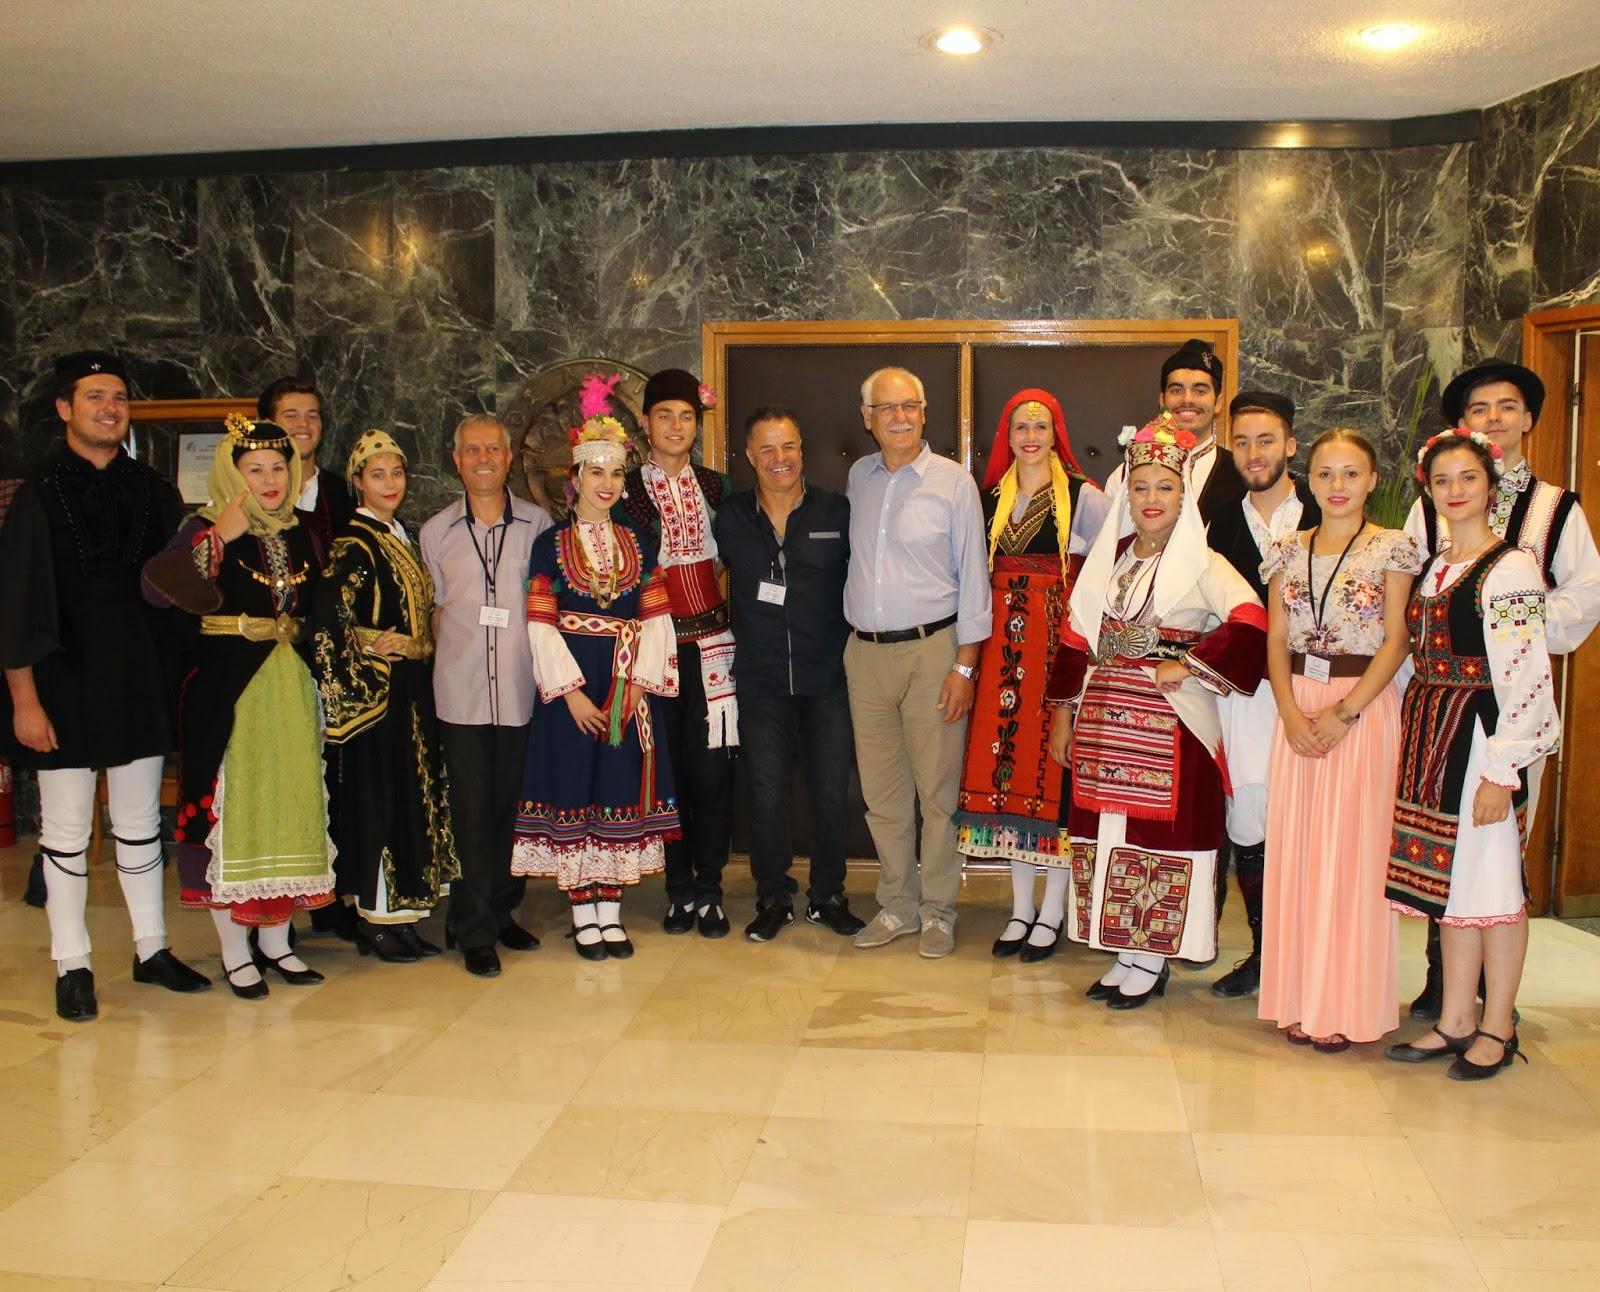 Στο Δήμαρχο Λαρισαίων μέλη χορευτικών συγκροτημάτων από τη Μολδαβία και τη Βουλγαρία